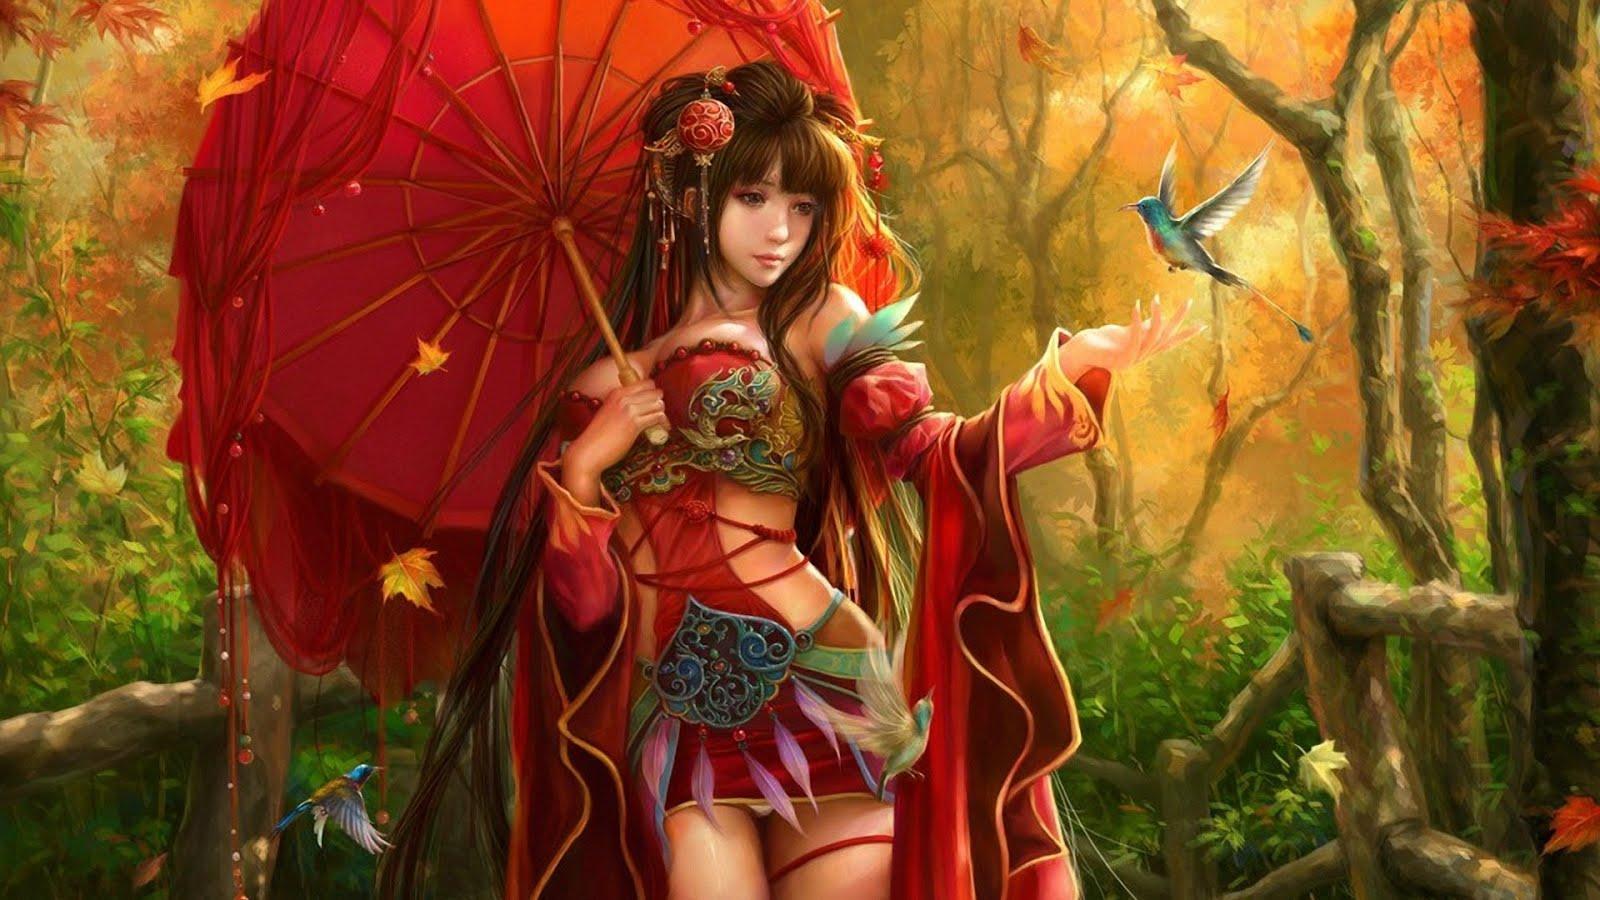 Bienvenidos al nuevo foro de apoyo a Noe #258 / 20.05.15 ~ 23.05.15 - Página 40 Chica-con-colibri-imagenes-fantasticas-fantasy-images